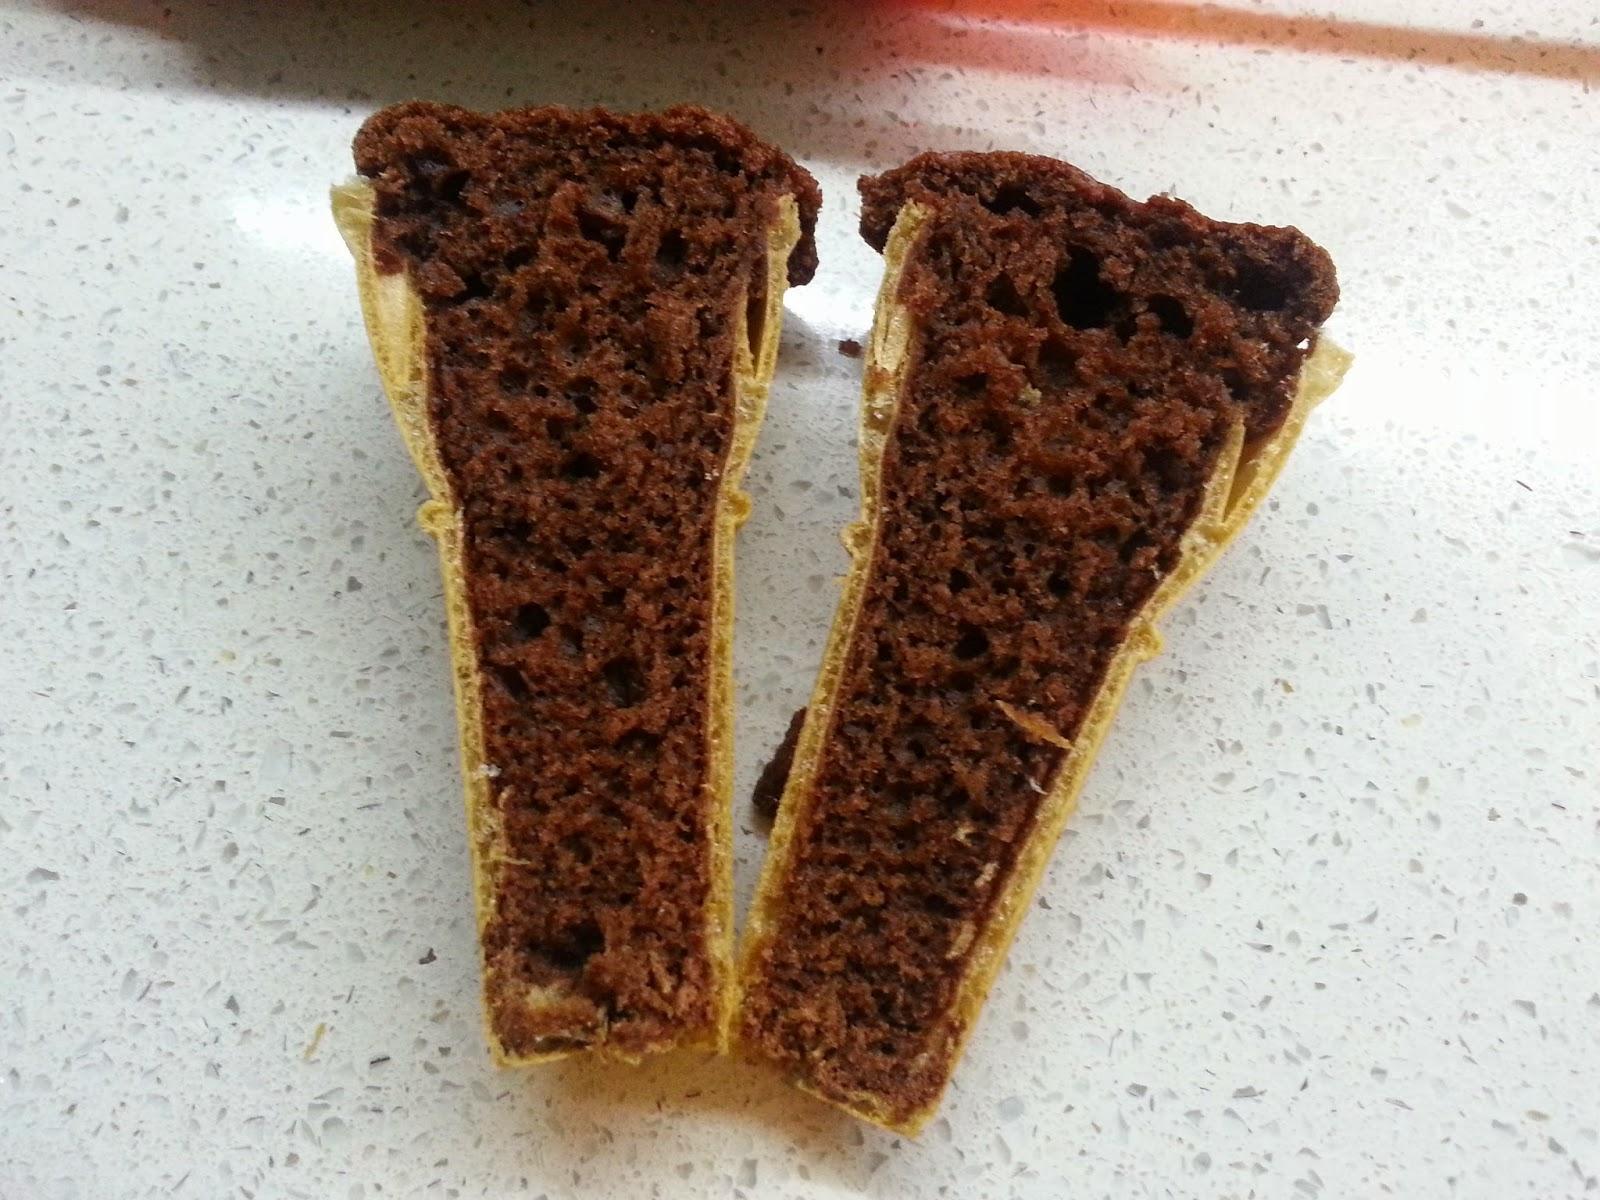 külahta kek, şık kek, ikramlık, misafir için, ne pişirsem, tatlı, kek,kakaolu, pratik, lezzetli, çocuklara